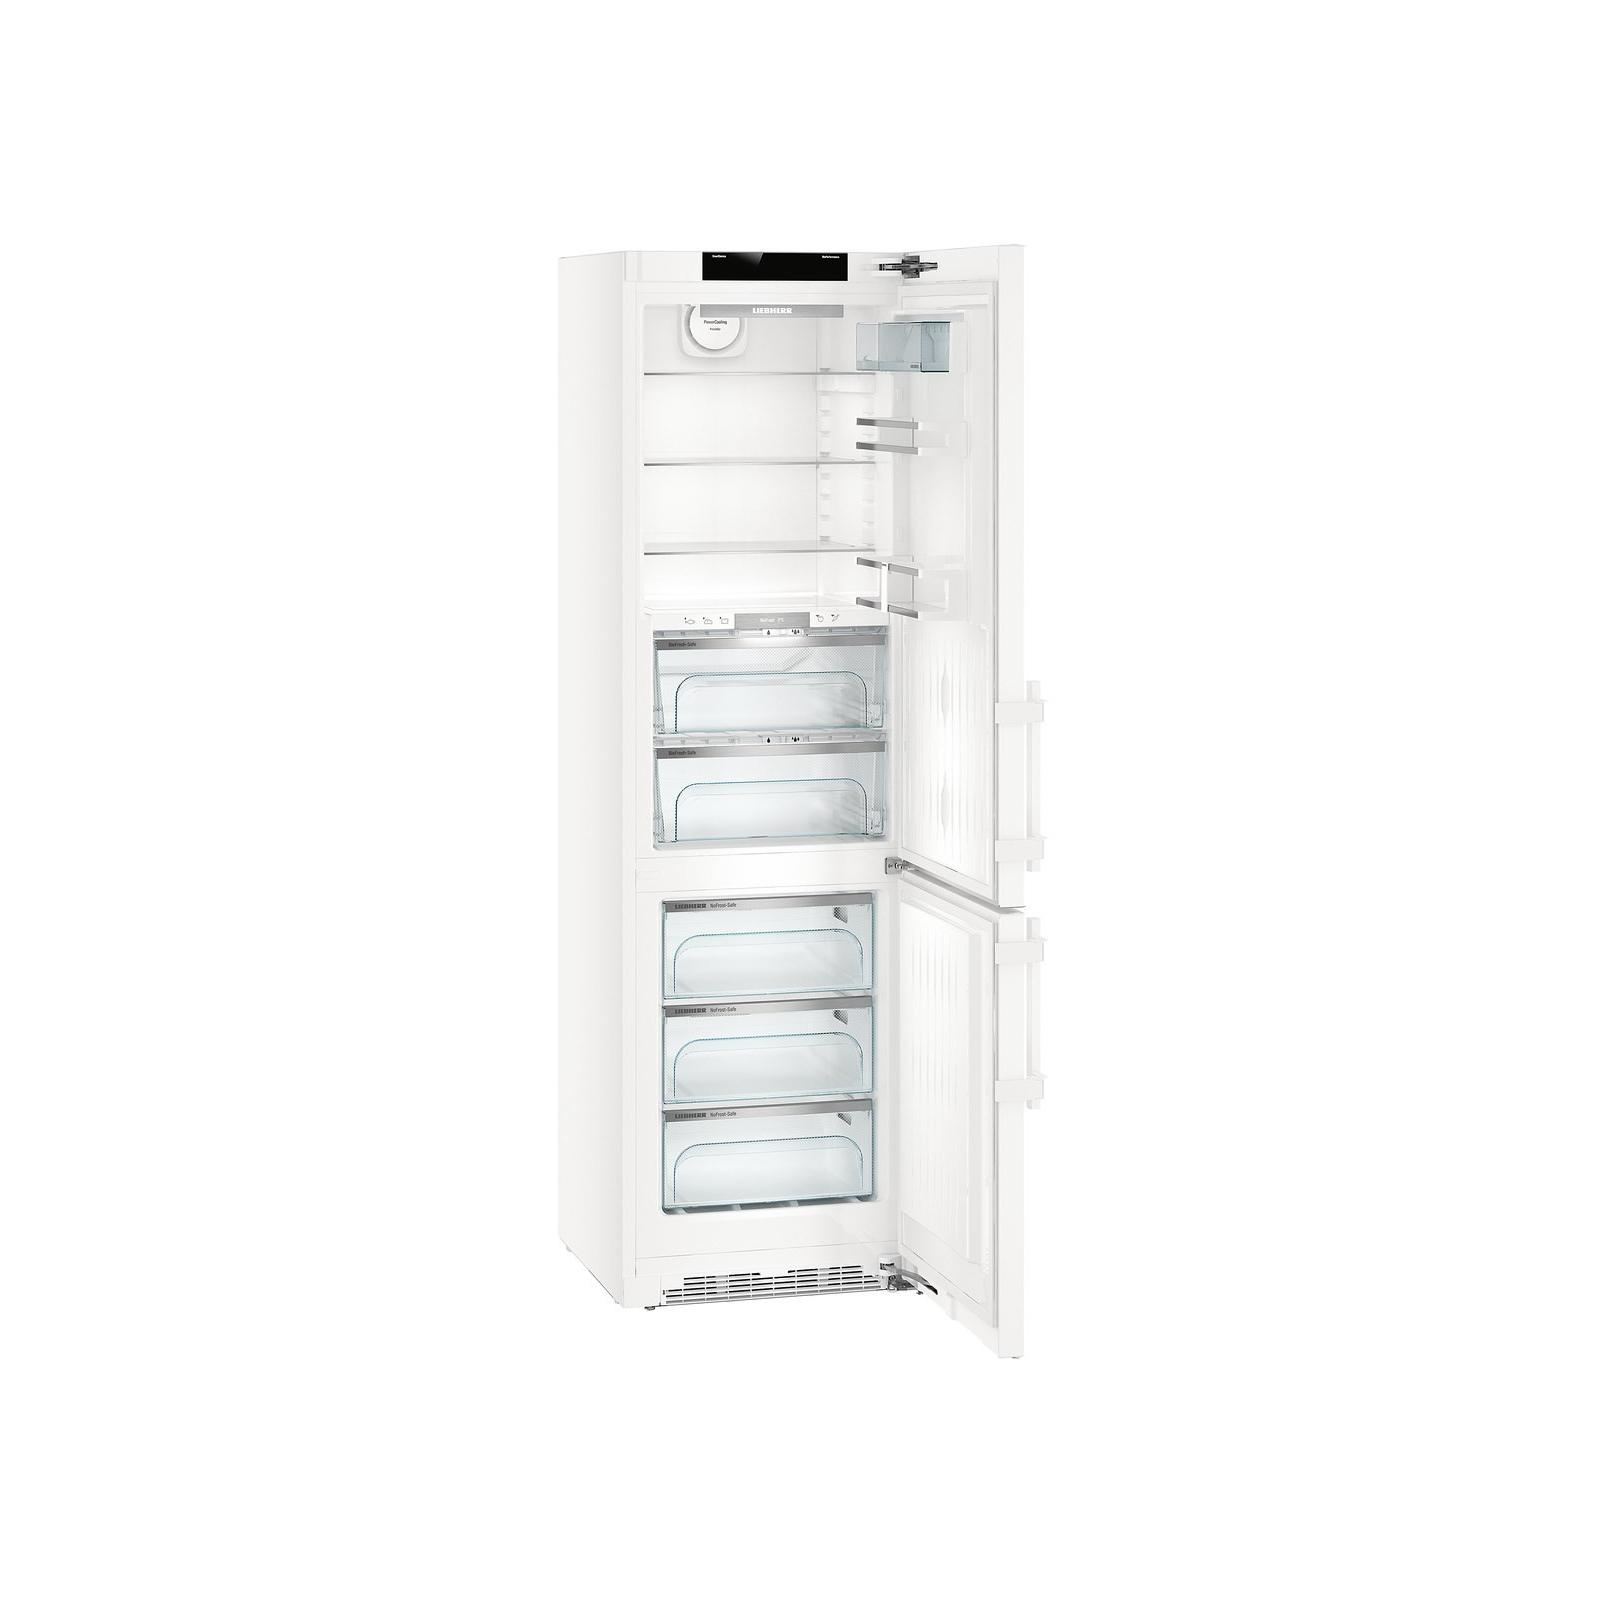 Холодильник Liebherr CBNP 4858 изображение 3